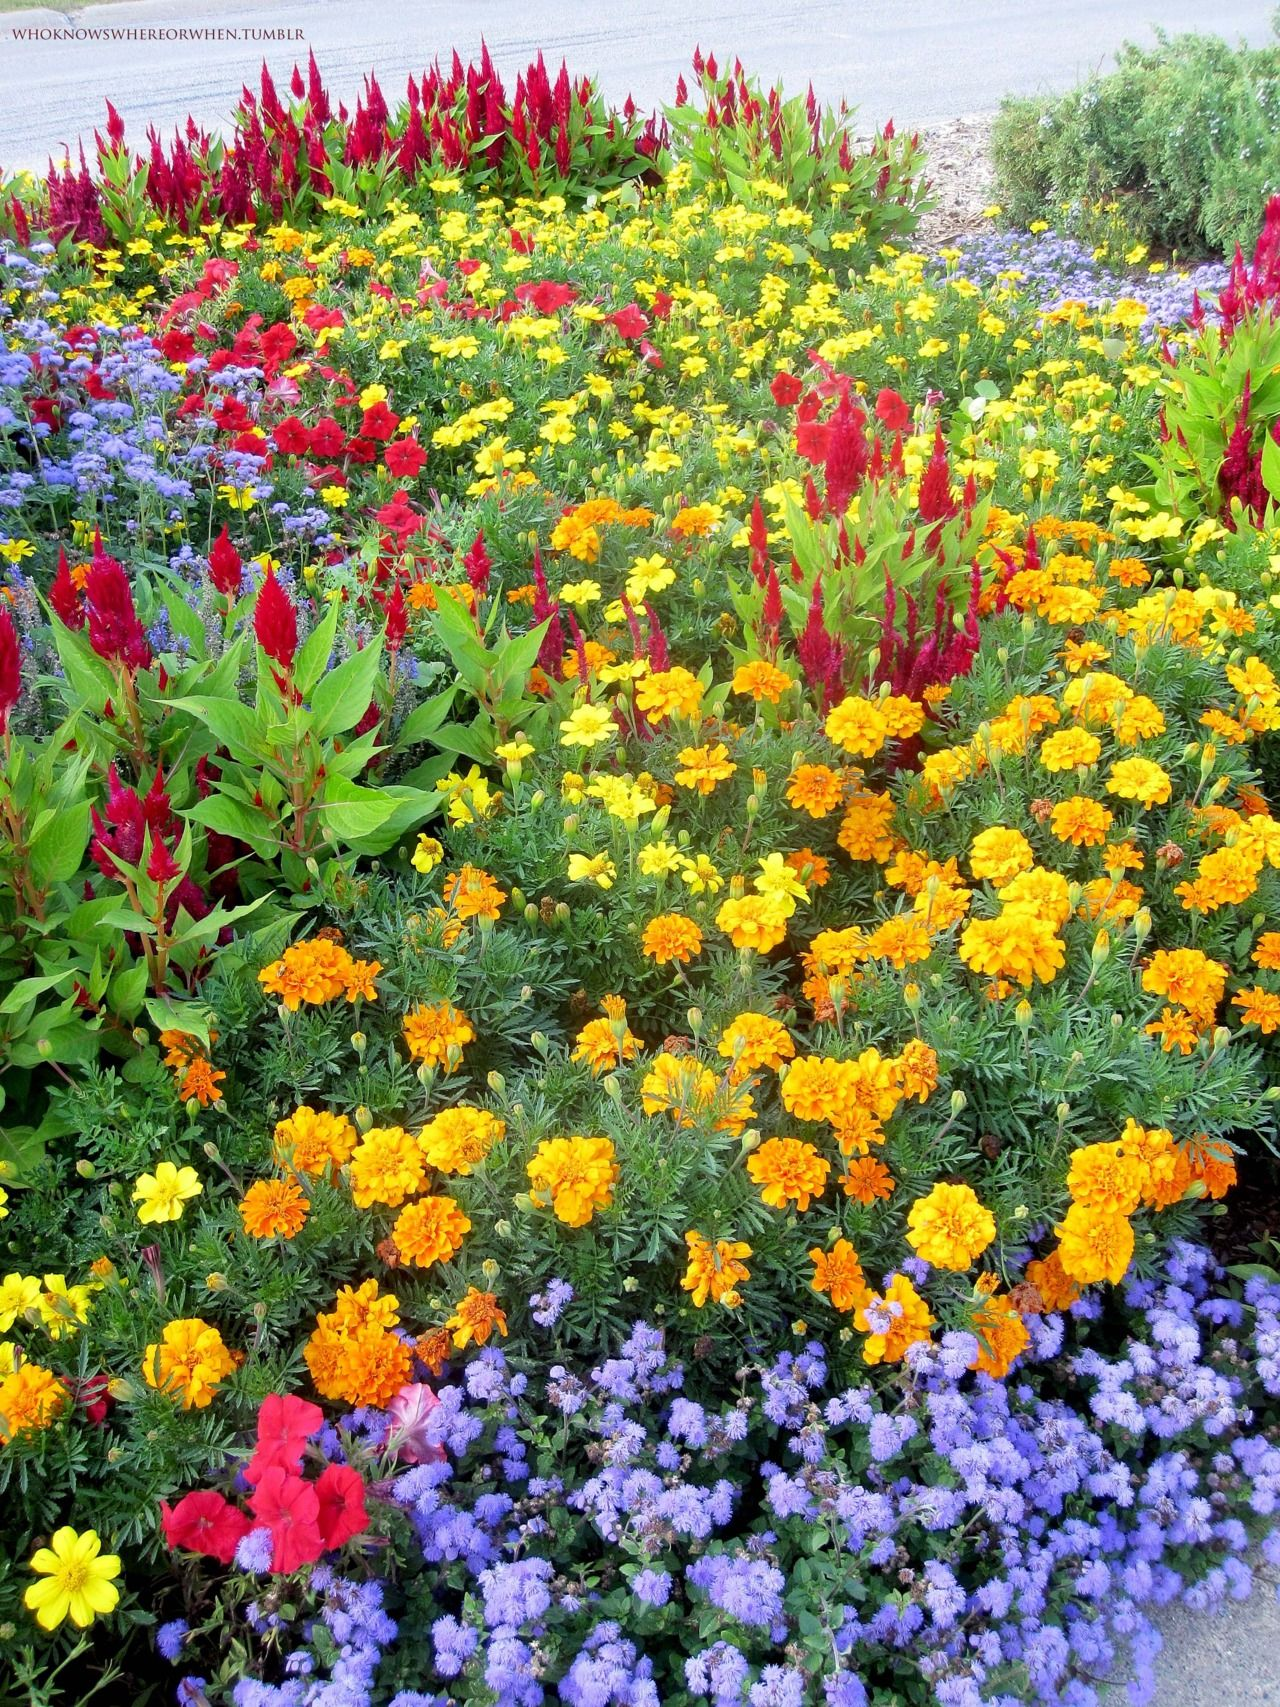 Celosia, Marigolds, Petunias, Ageratum.